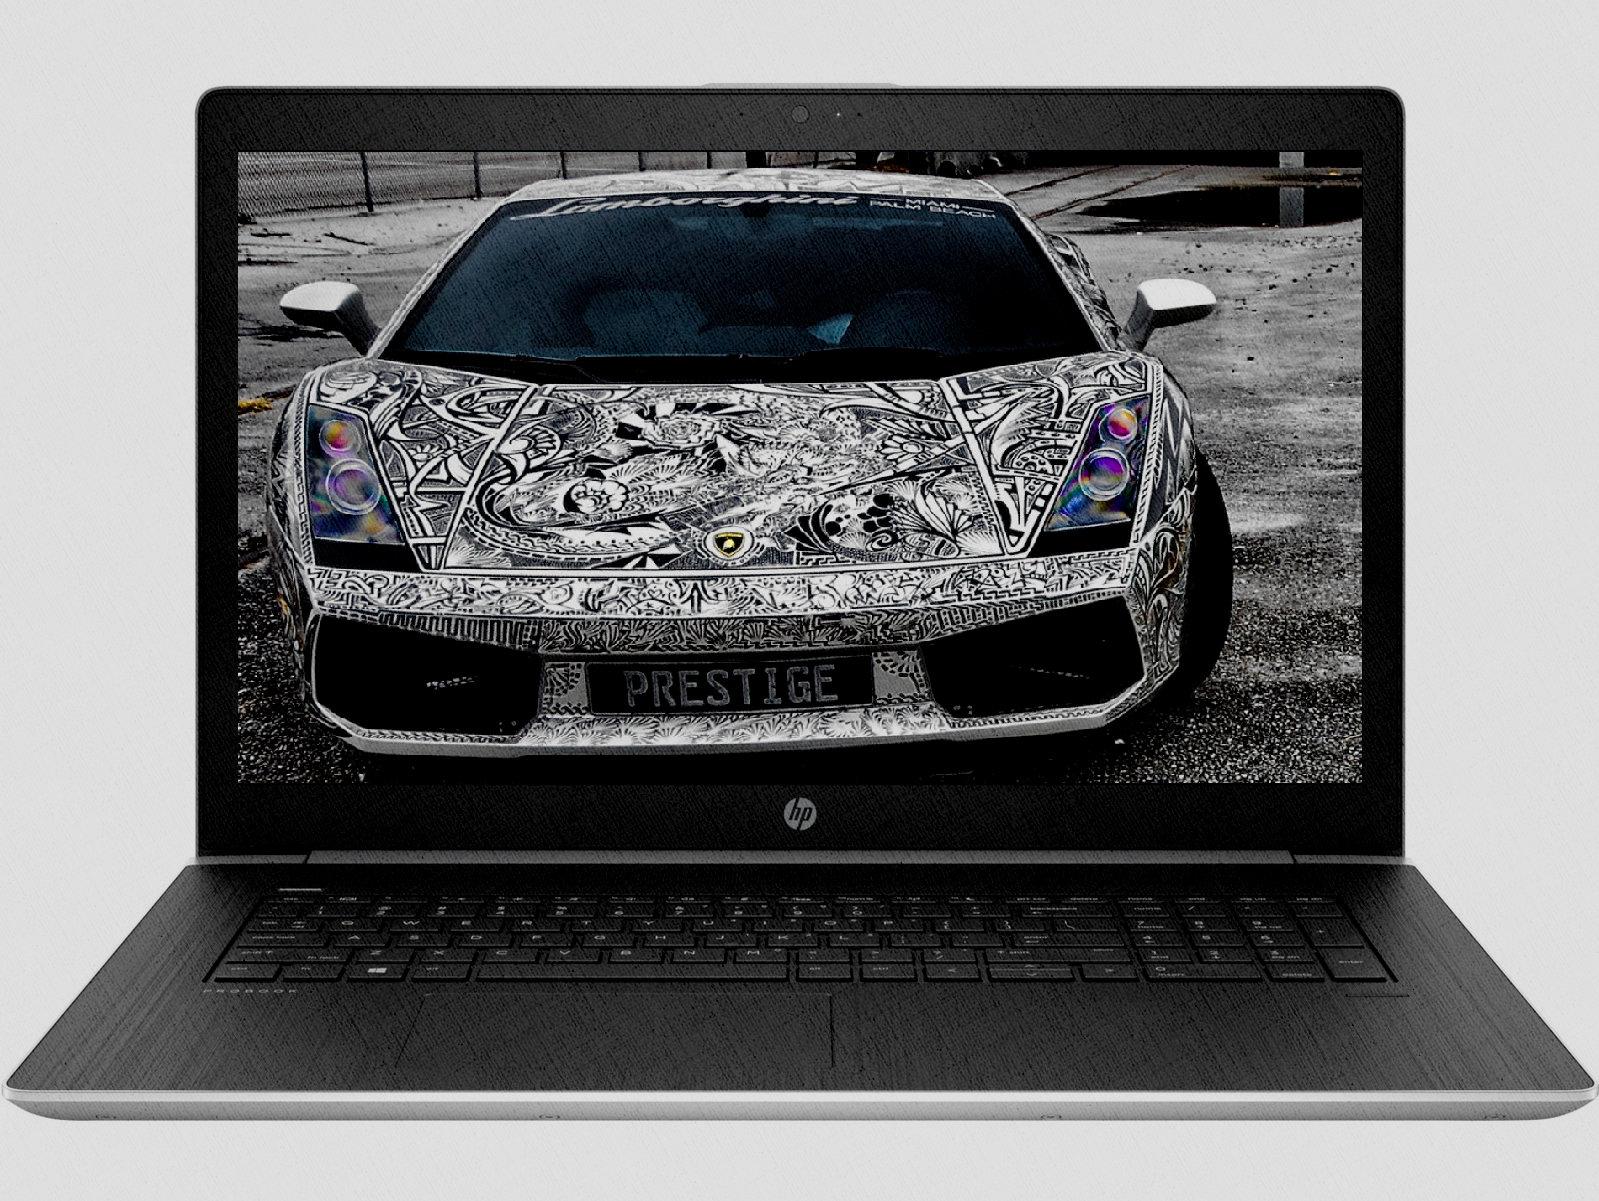 HP ProBook 450 G5 2SX89EA Silver